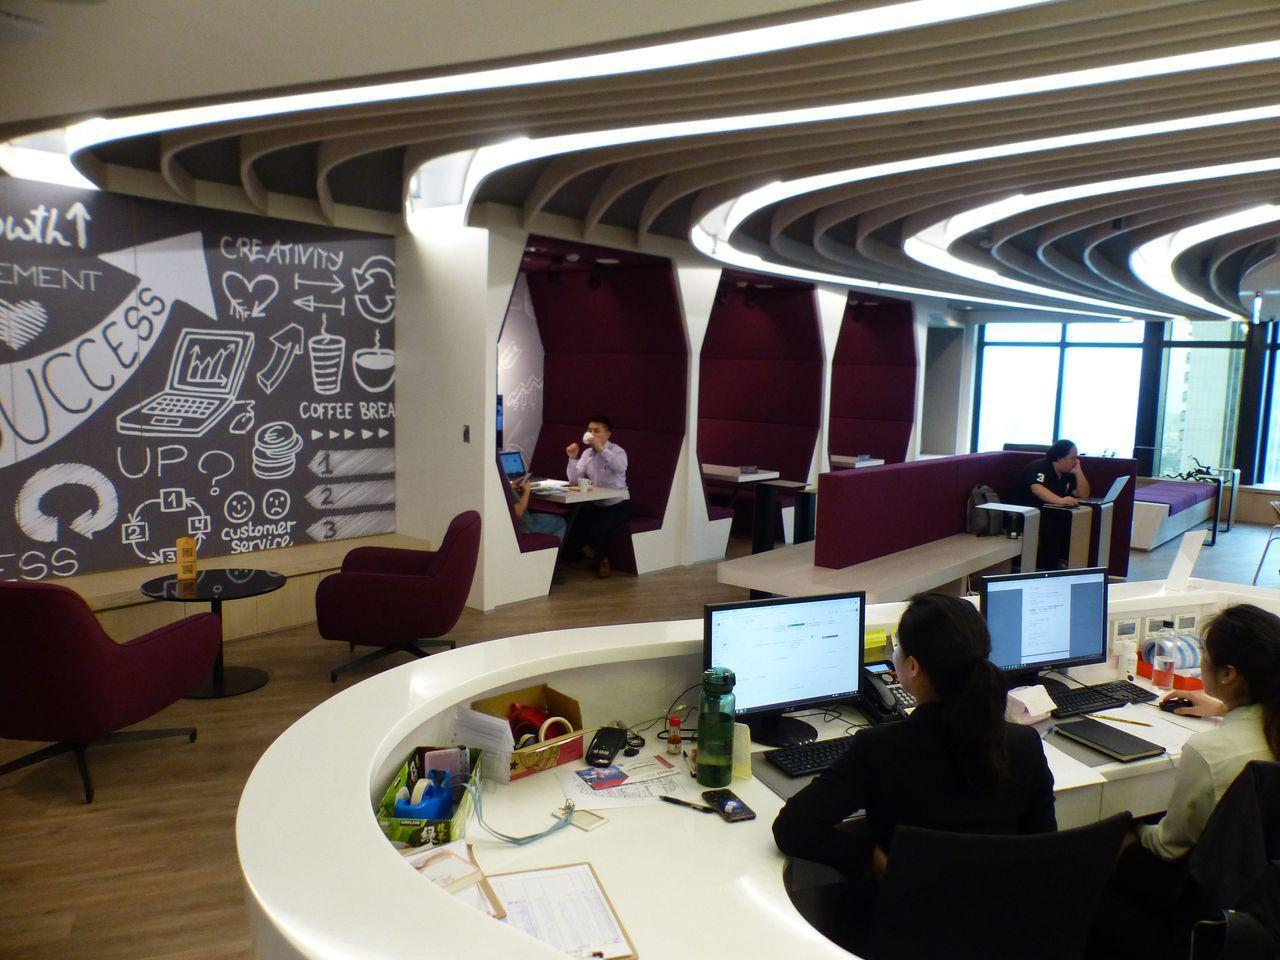 台中市商辦大樓內也吹起青創概念的共享辦公室風潮,一整層辦公空間內,規劃有共享專屬...